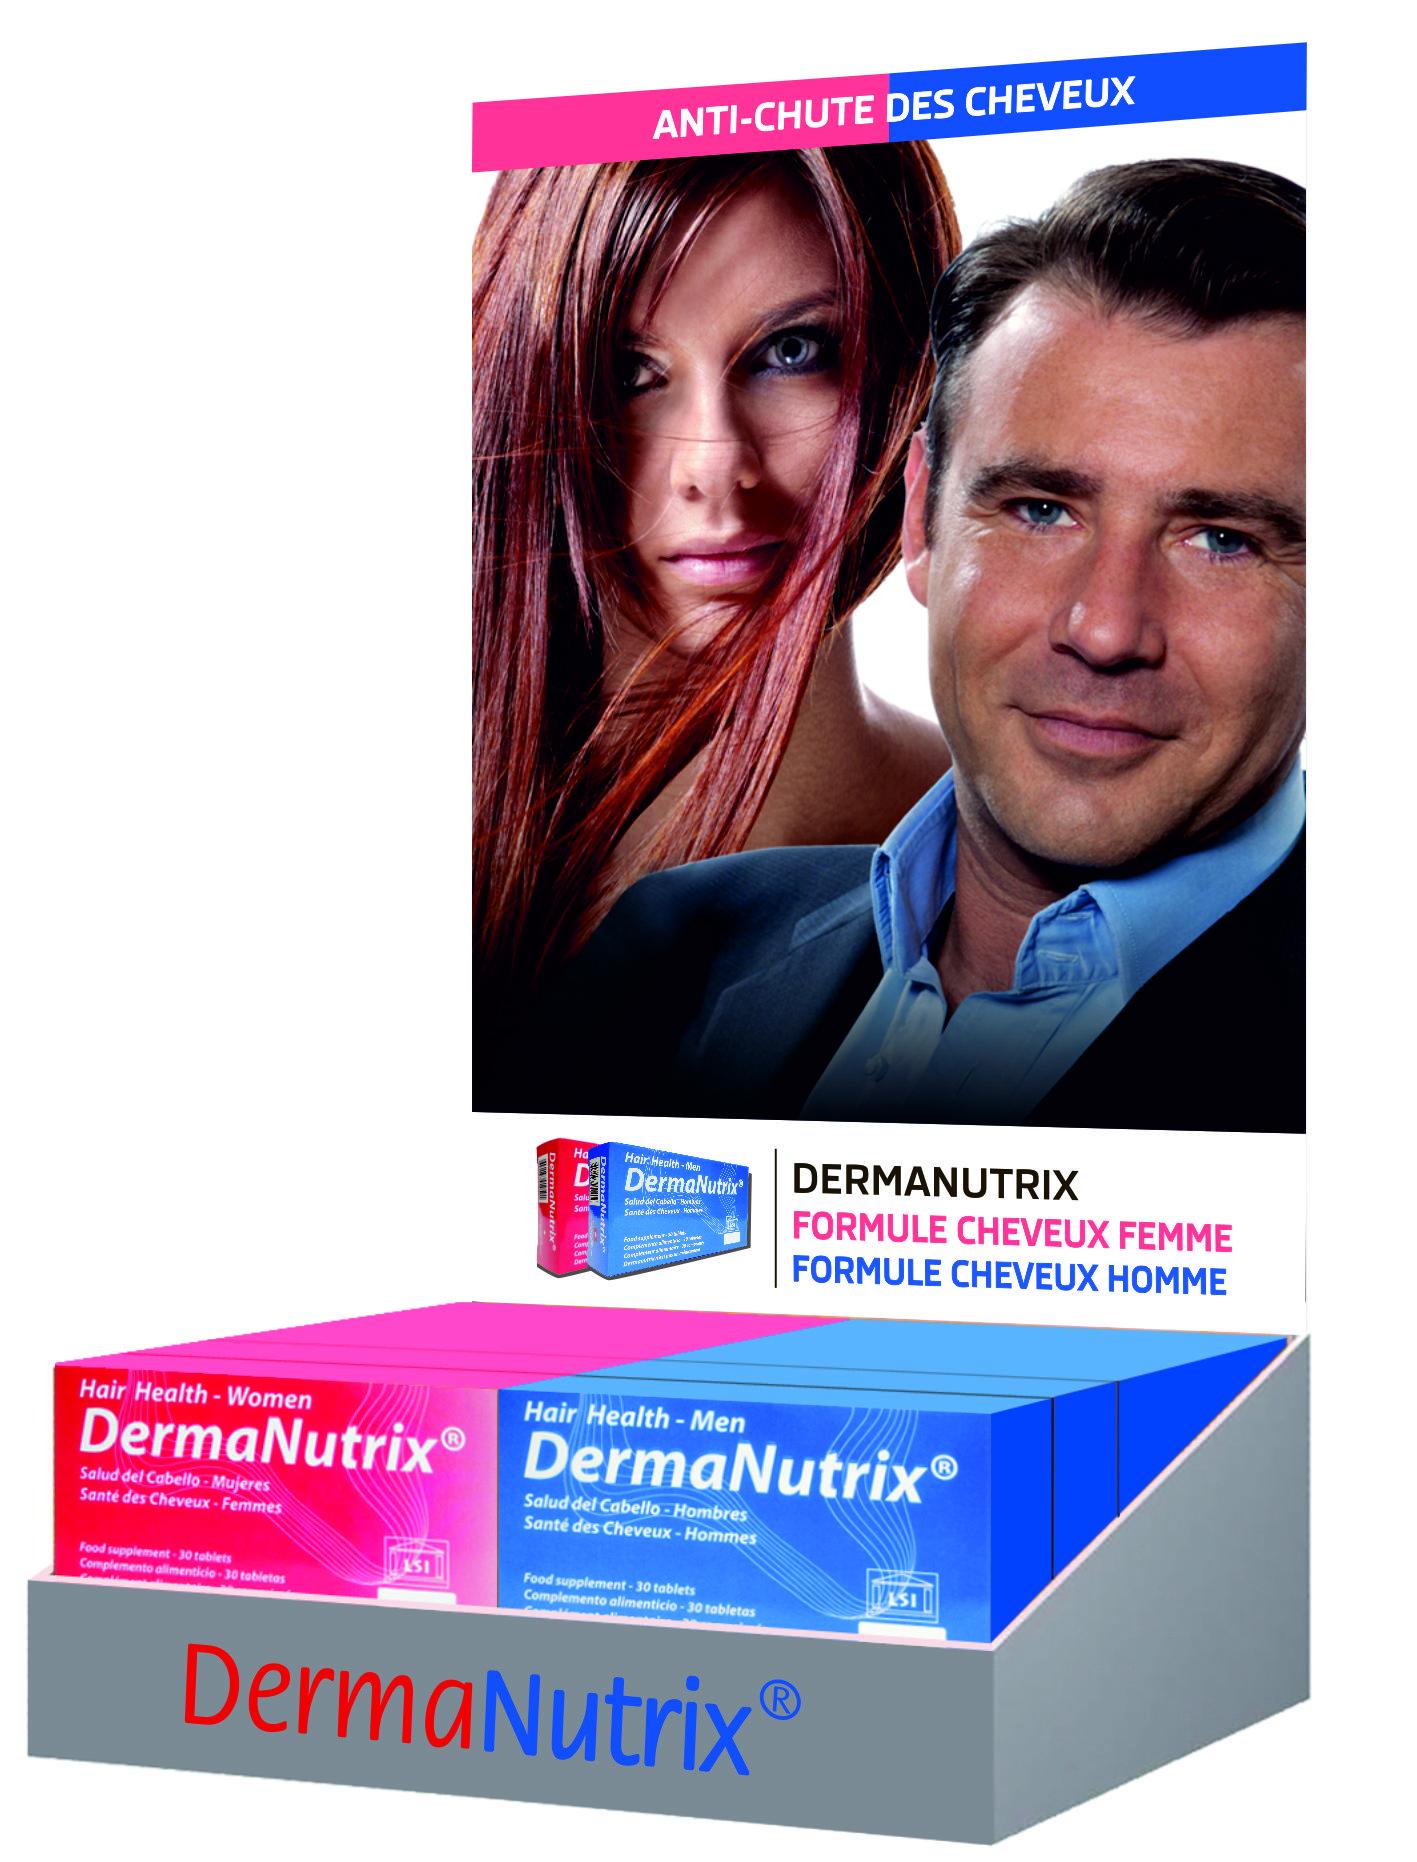 dermanutrix cheveux femme complement alimentaire chute de cheveux perte de cheveux cheveux. Black Bedroom Furniture Sets. Home Design Ideas